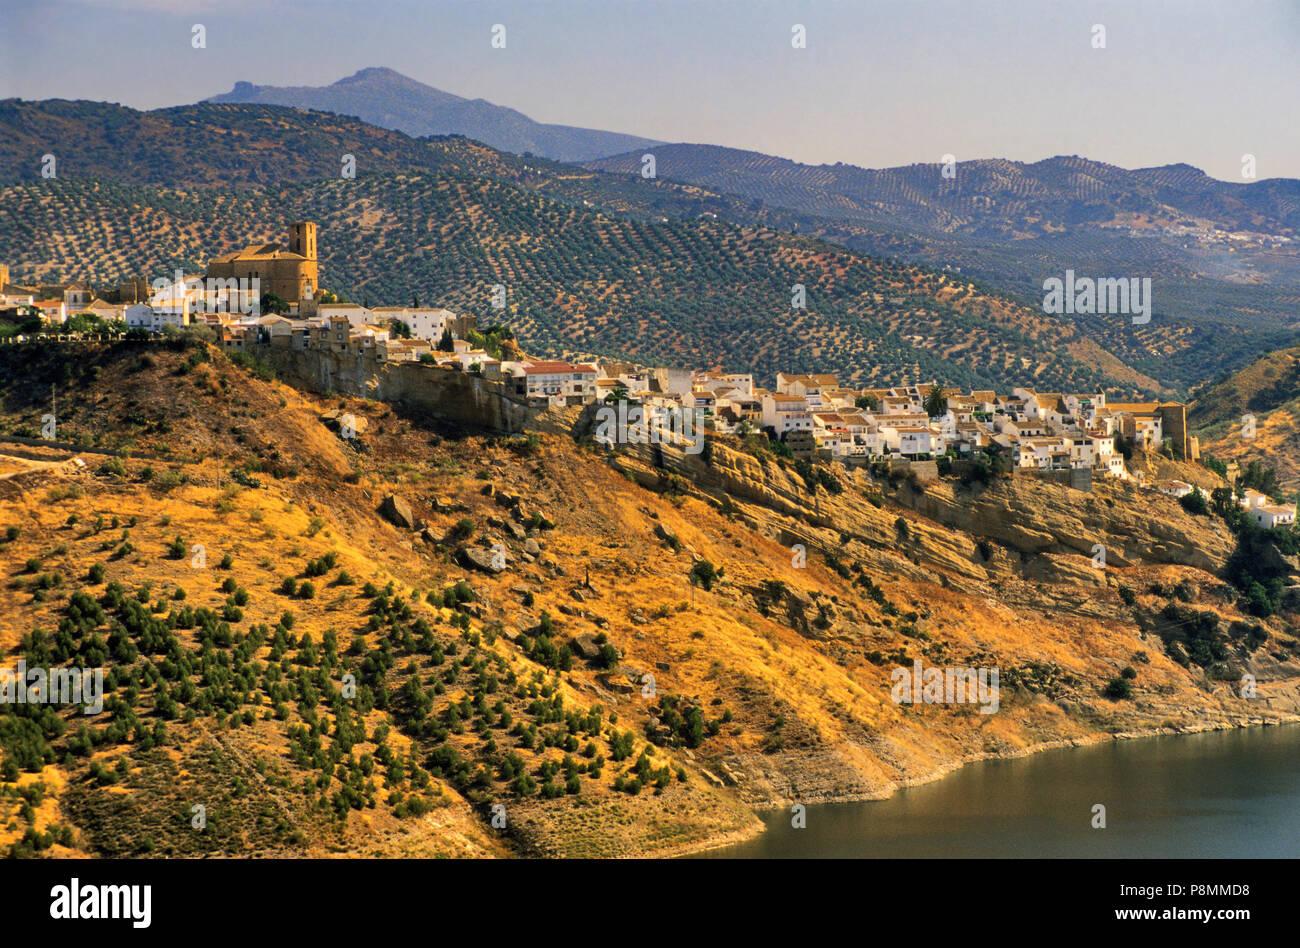 General view of Iznajar, hilltown at Embalse de Iznajar, Andalucia, Spain - Stock Image